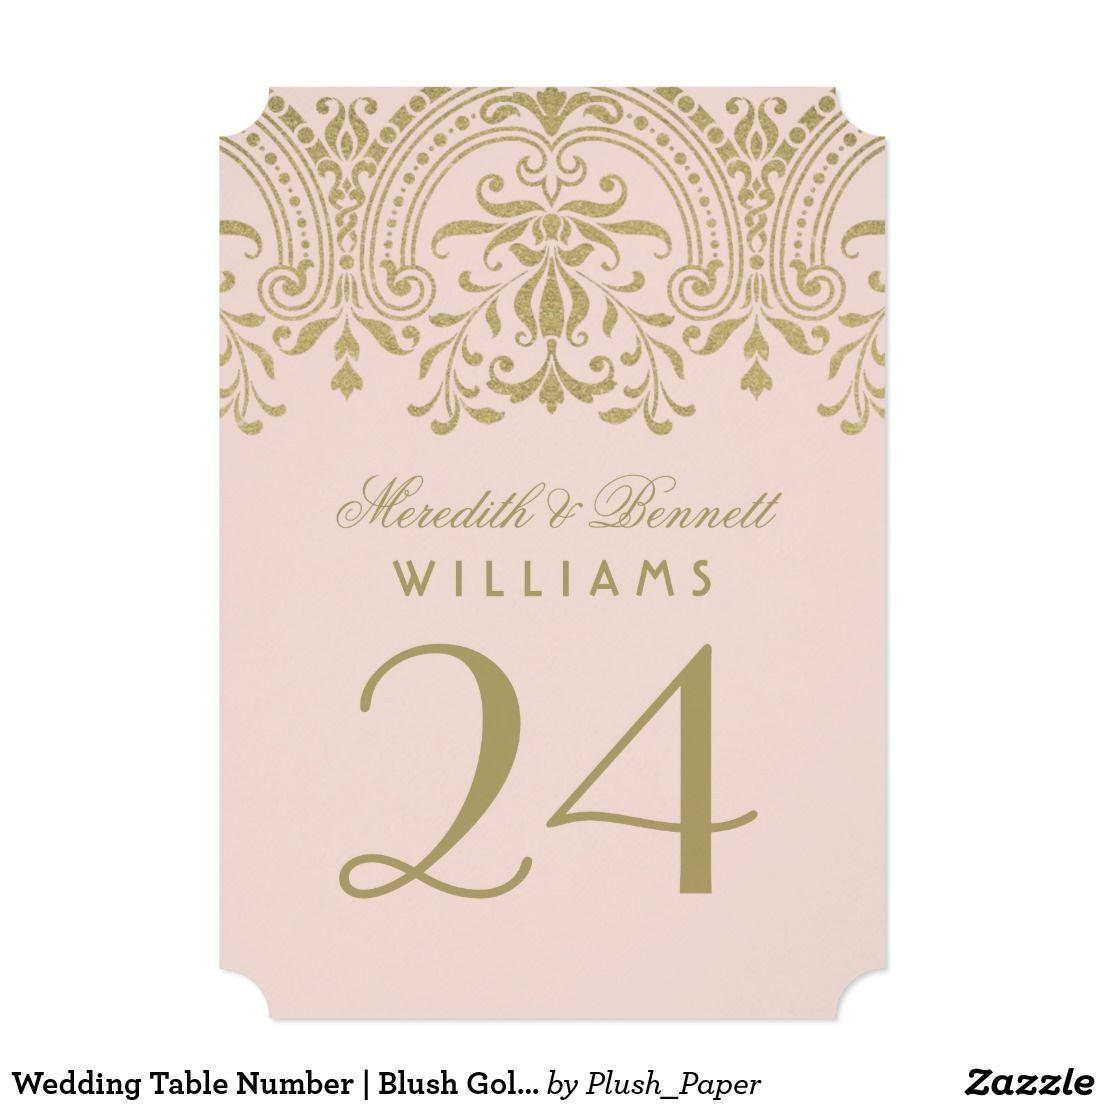 Wedding Table Number | Blush Gold Vintage Glamour Card | Vintage ...